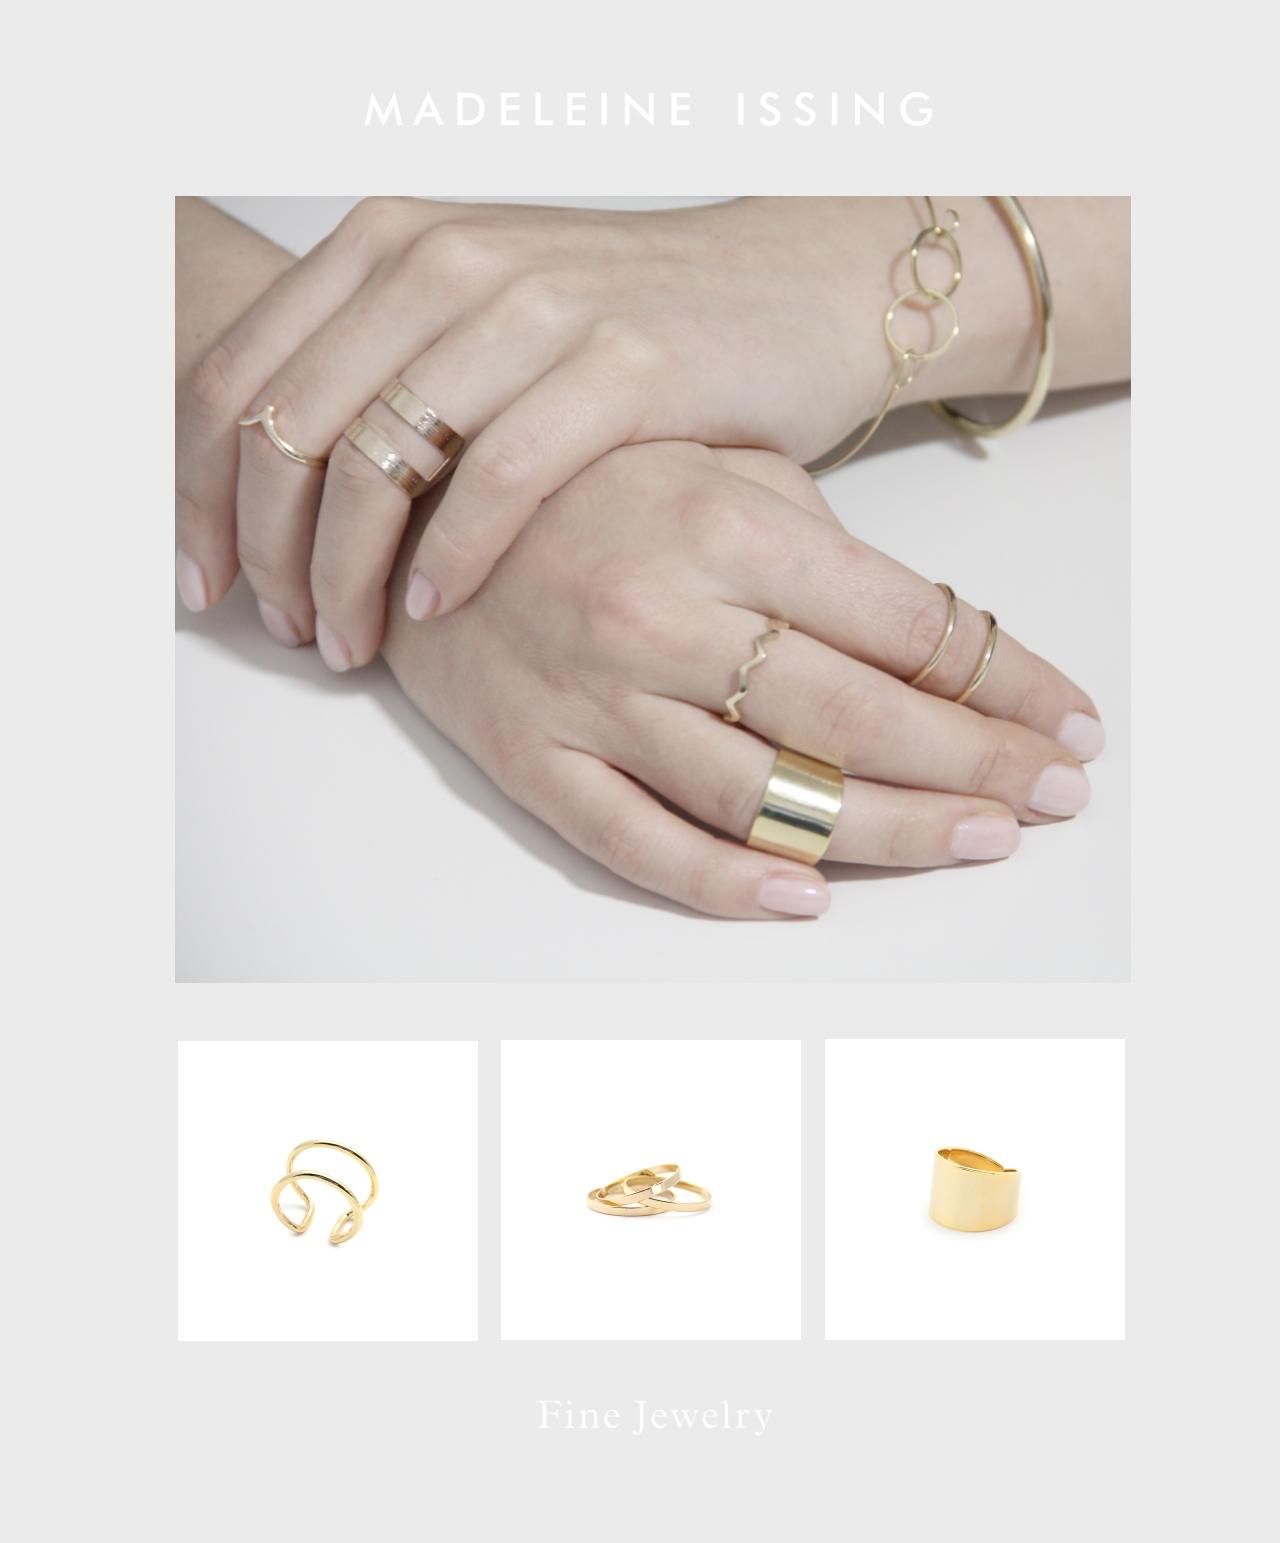 fingerspitzenringe und fingerkuppenringe gold madeleine issing